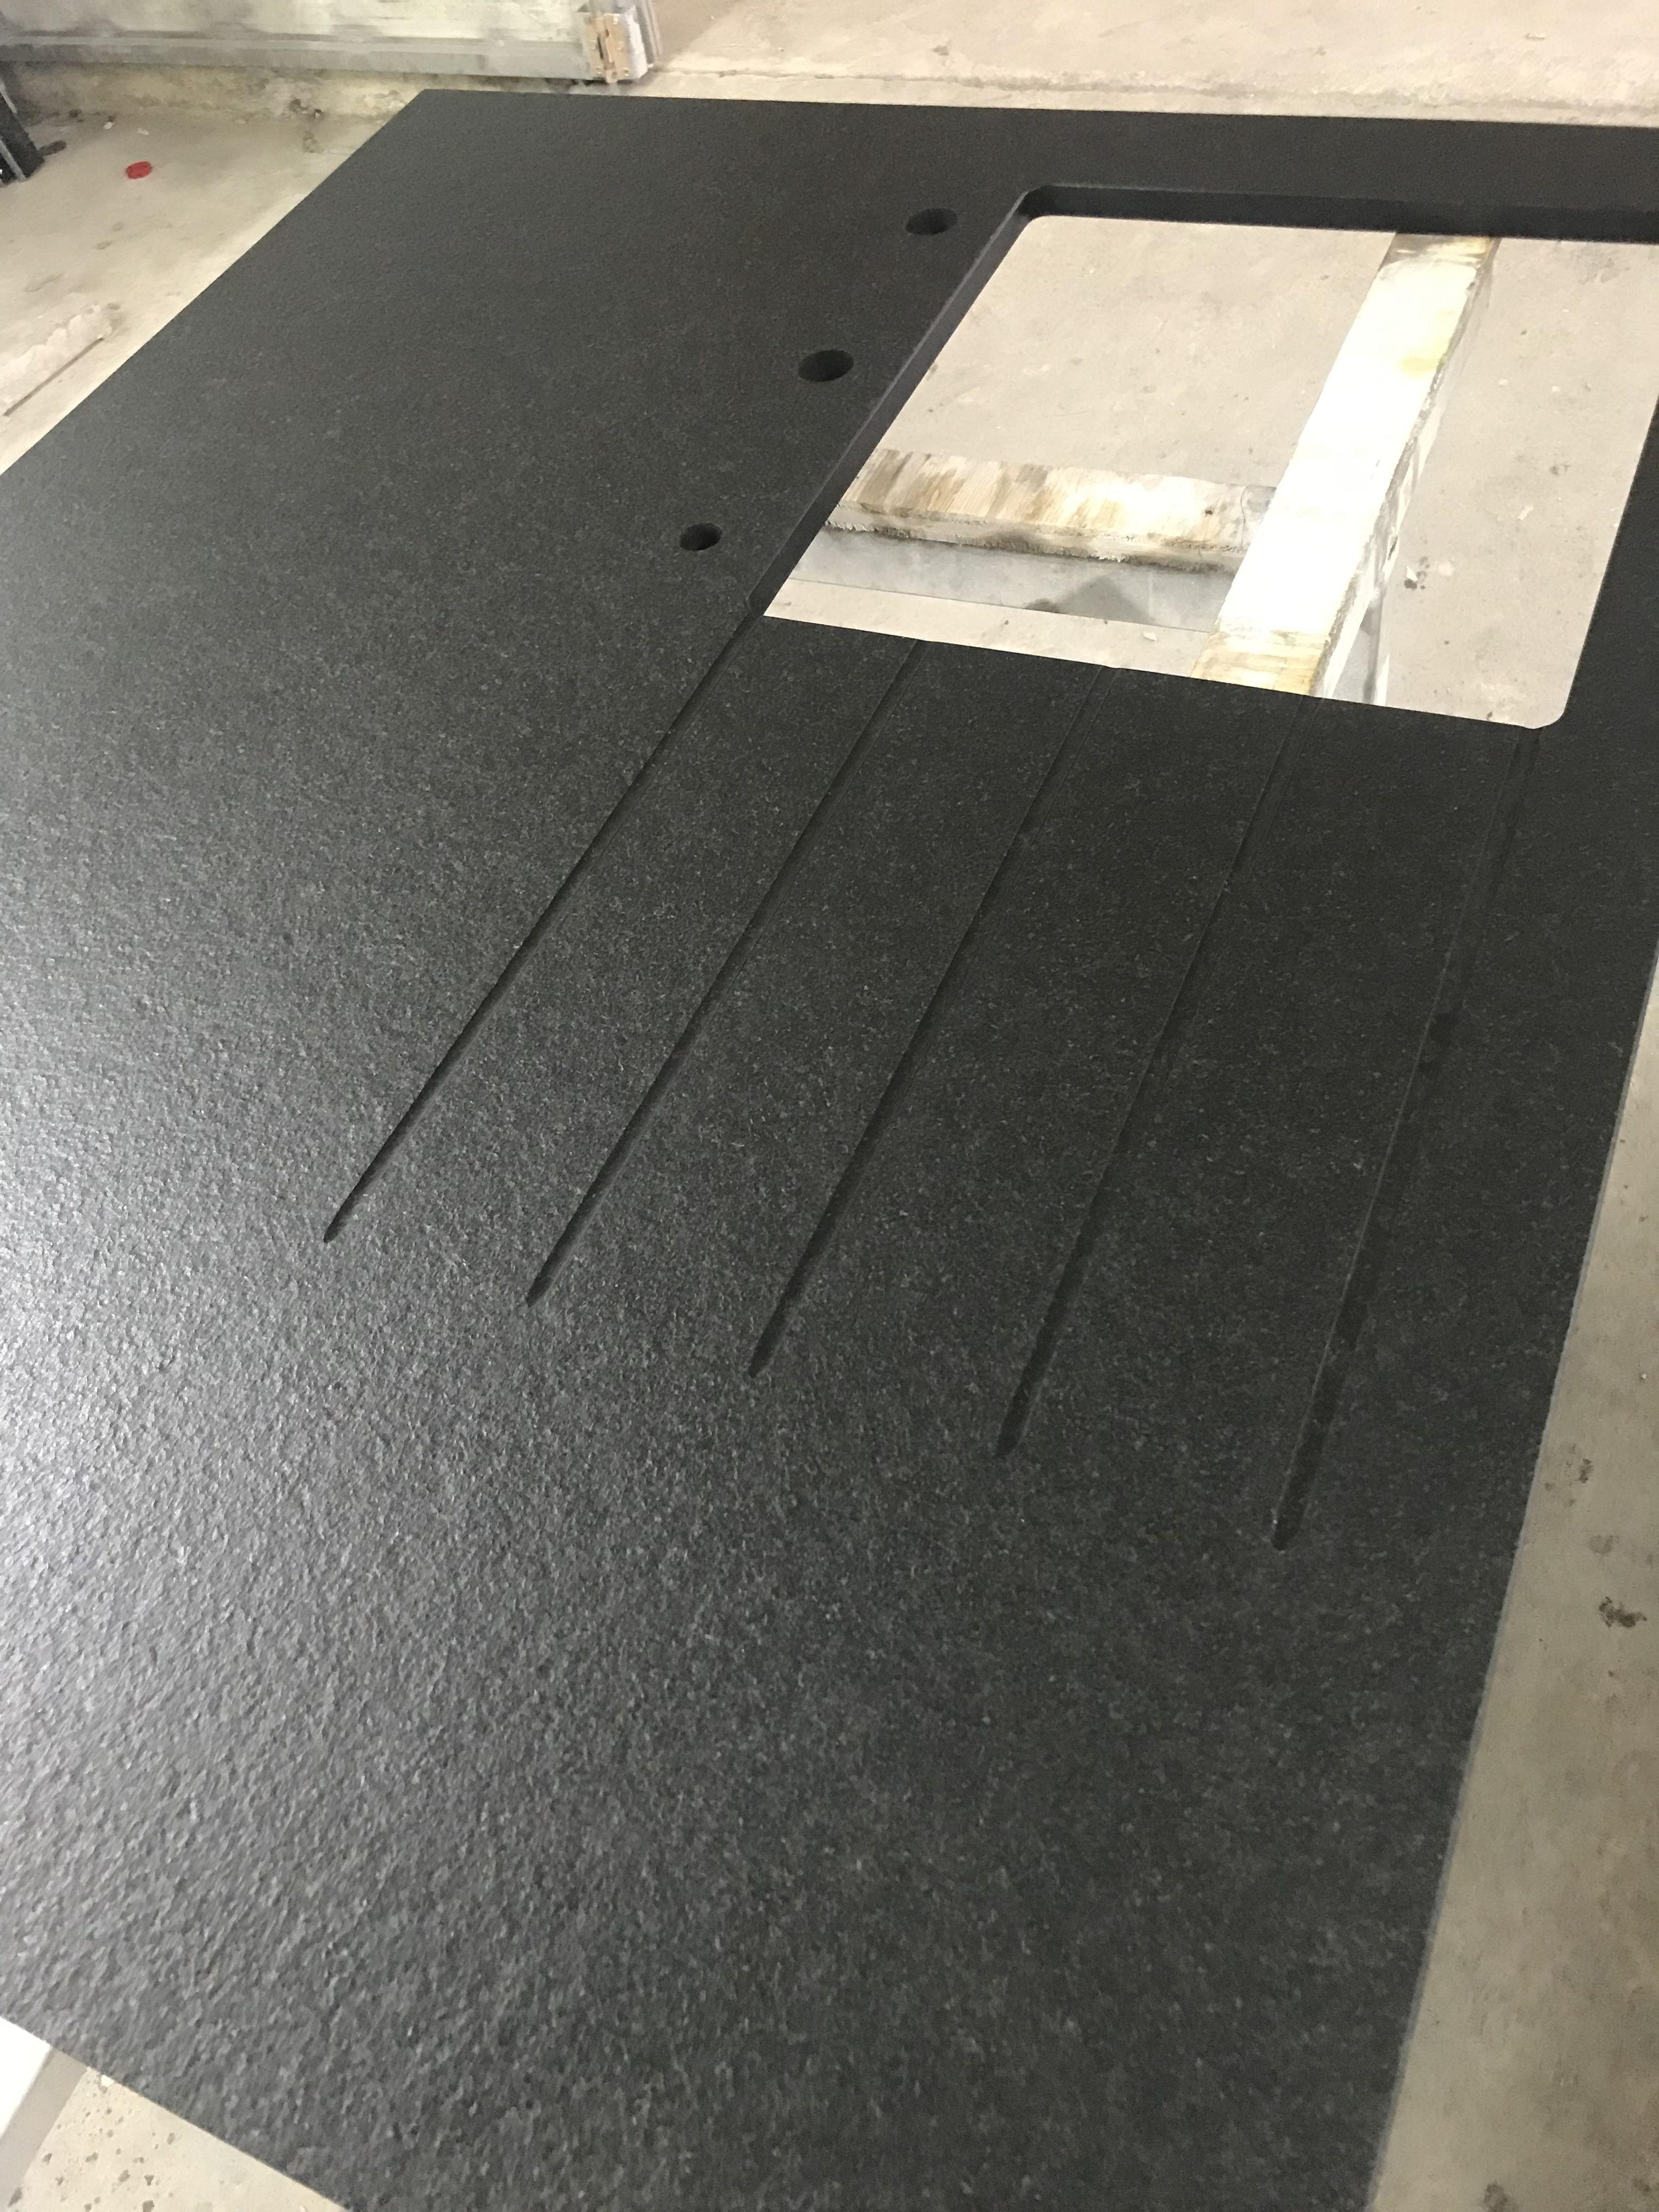 Steinreinisch Stein Kitchen Home Kuchenarbeitsplatte Countertops Granitecountertops Granitarbeitsplatte Granit Arbeitsplatte Steinmetz Grabgestaltung